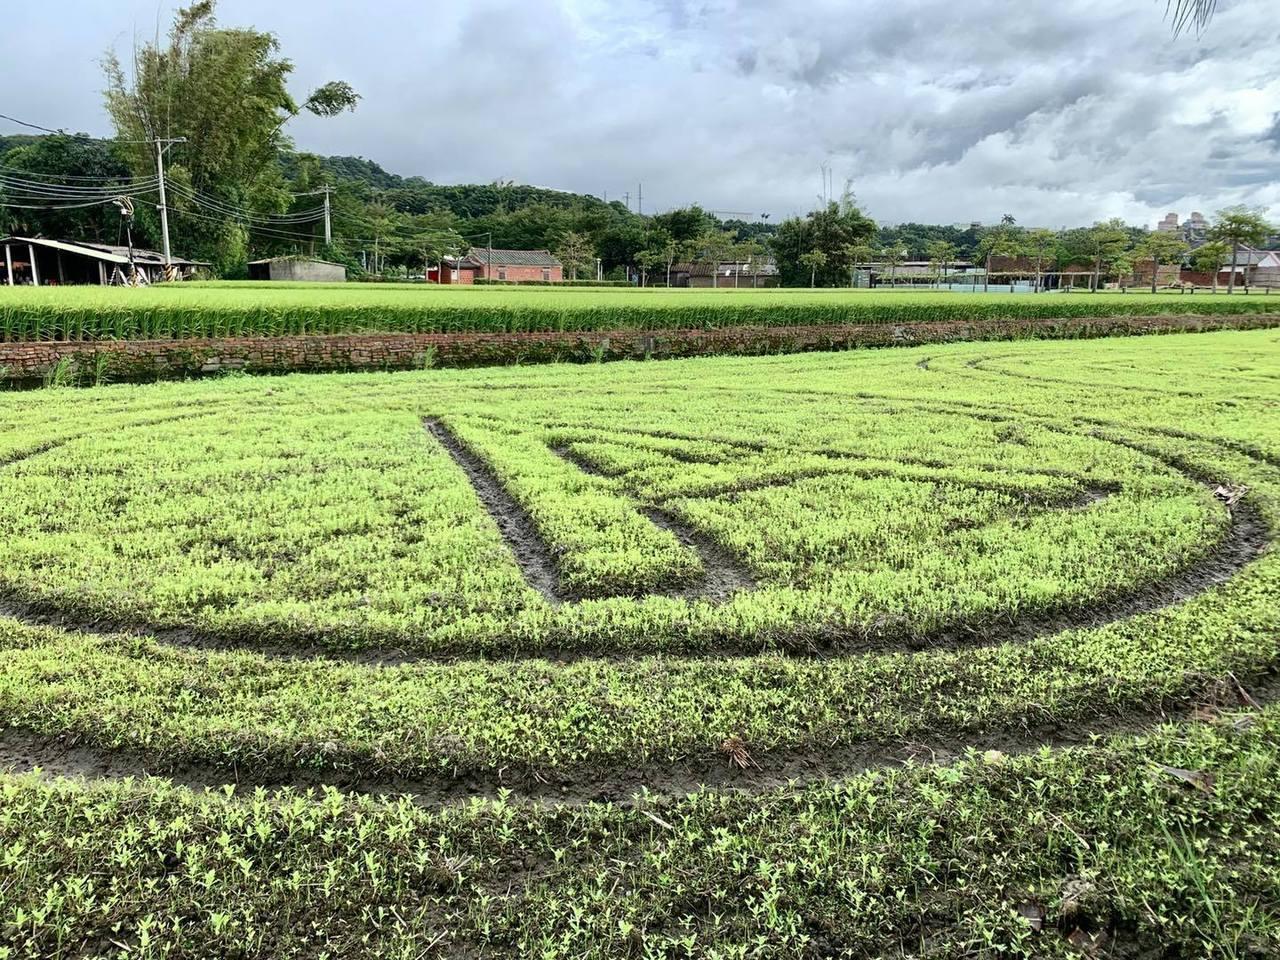 展期倒數三周,可愛的百日草跟波斯菊,也在努力生長中 圖/大溪月眉休閒農業發展協會...